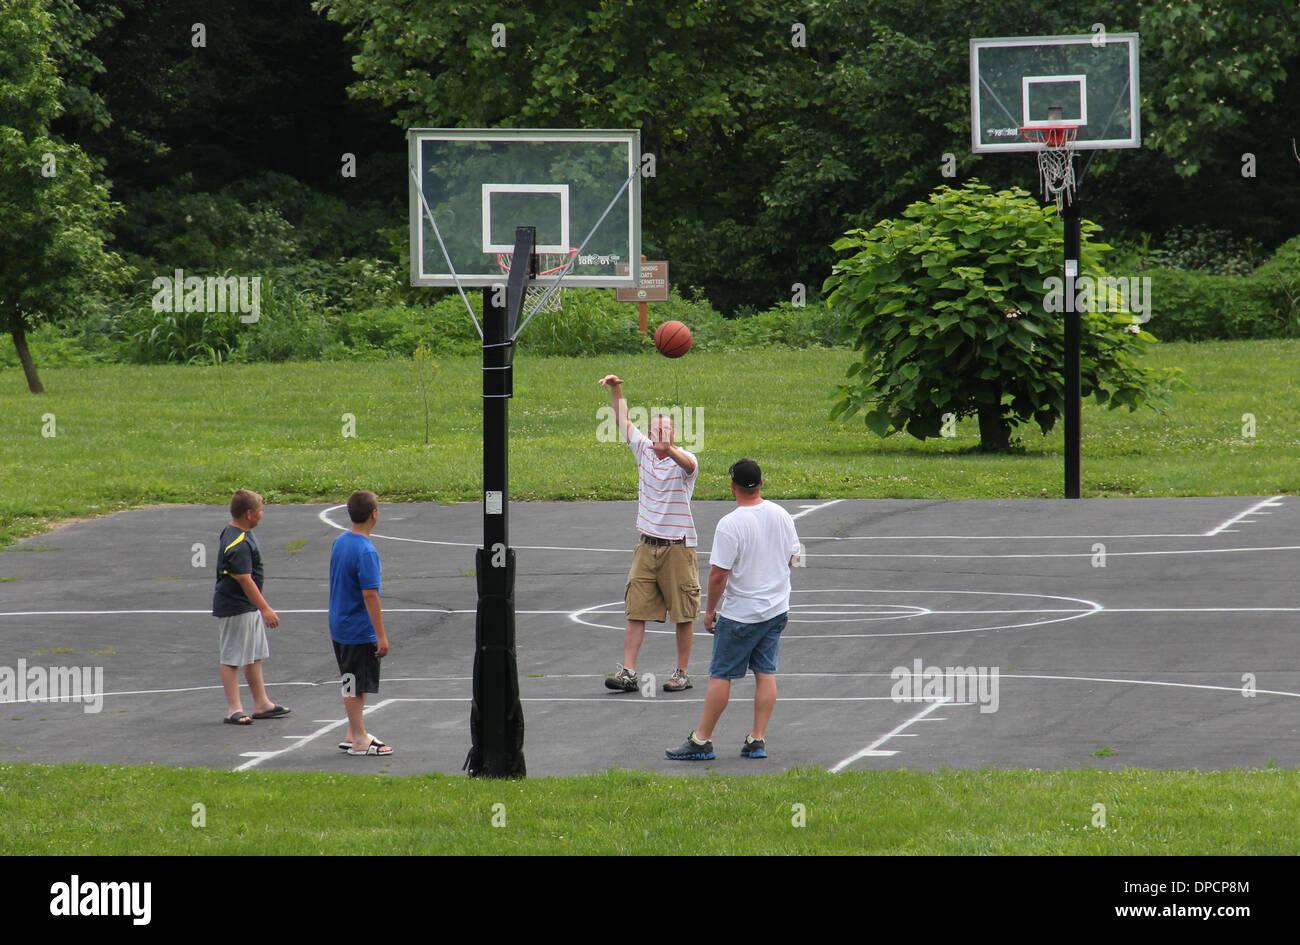 Les jeunes hommes jouant au basket-ball dans l'Indiana parc Banque D'Images